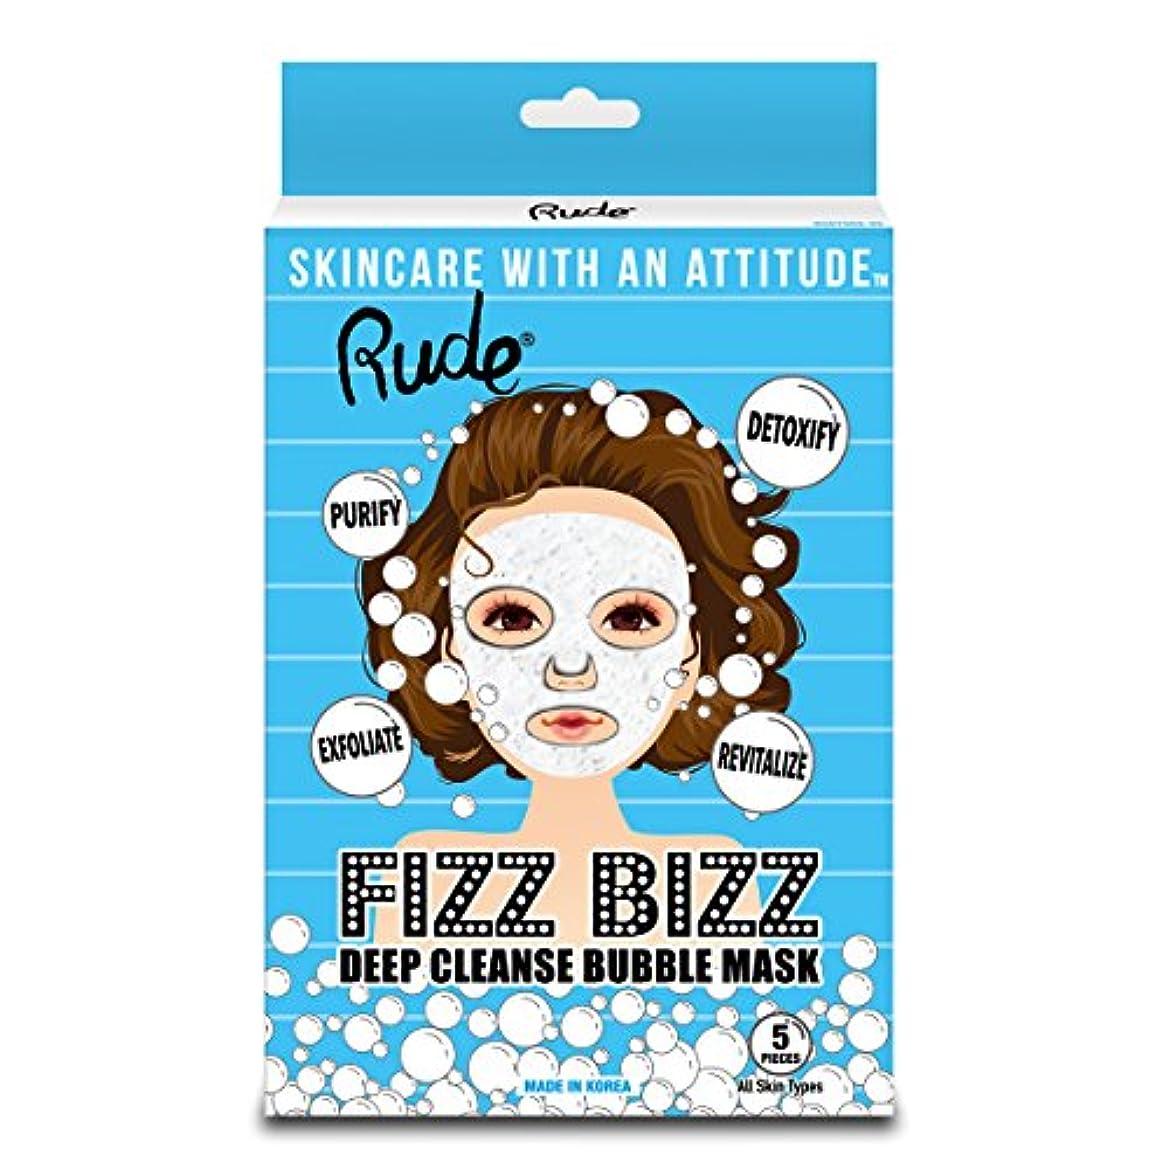 ストレッチ所得残高RUDE Fizz Bizz Deep Cleanse Bubble Mask, Pack of 5 (並行輸入品)